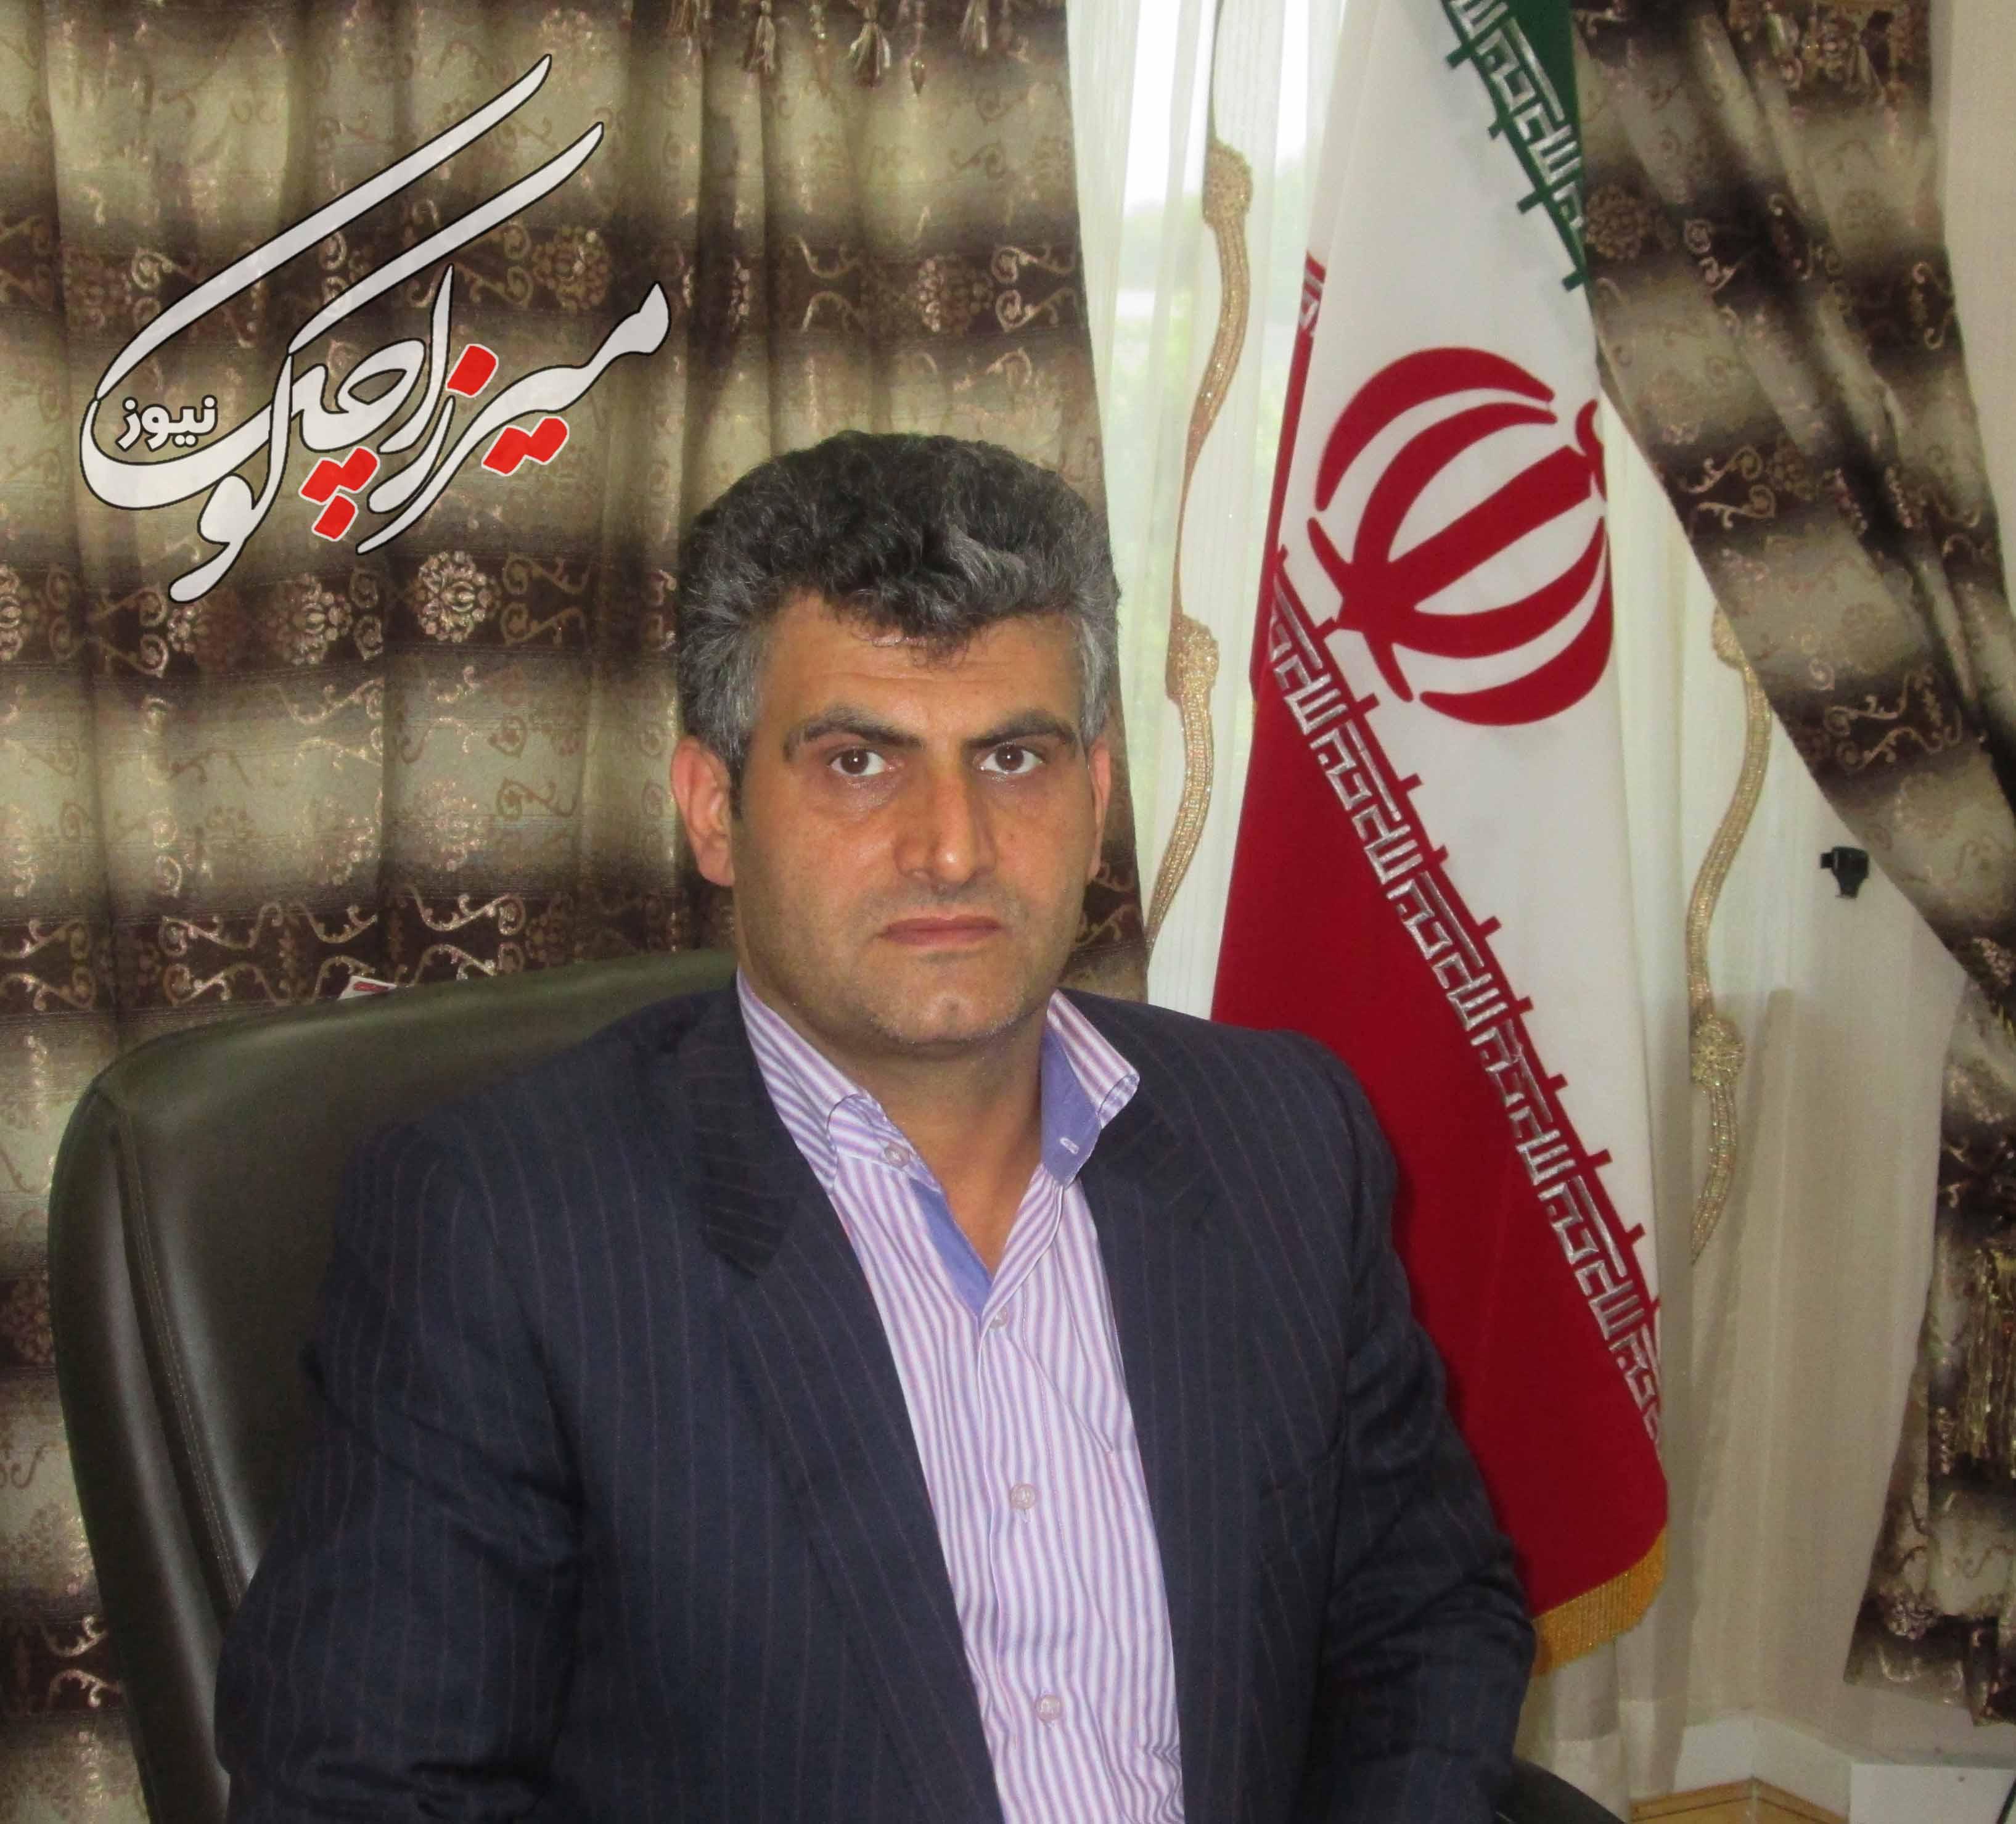 شهردار گوراب زرمیخ از آغاز عملیات ساماندهی ورودی شهر خبر داد